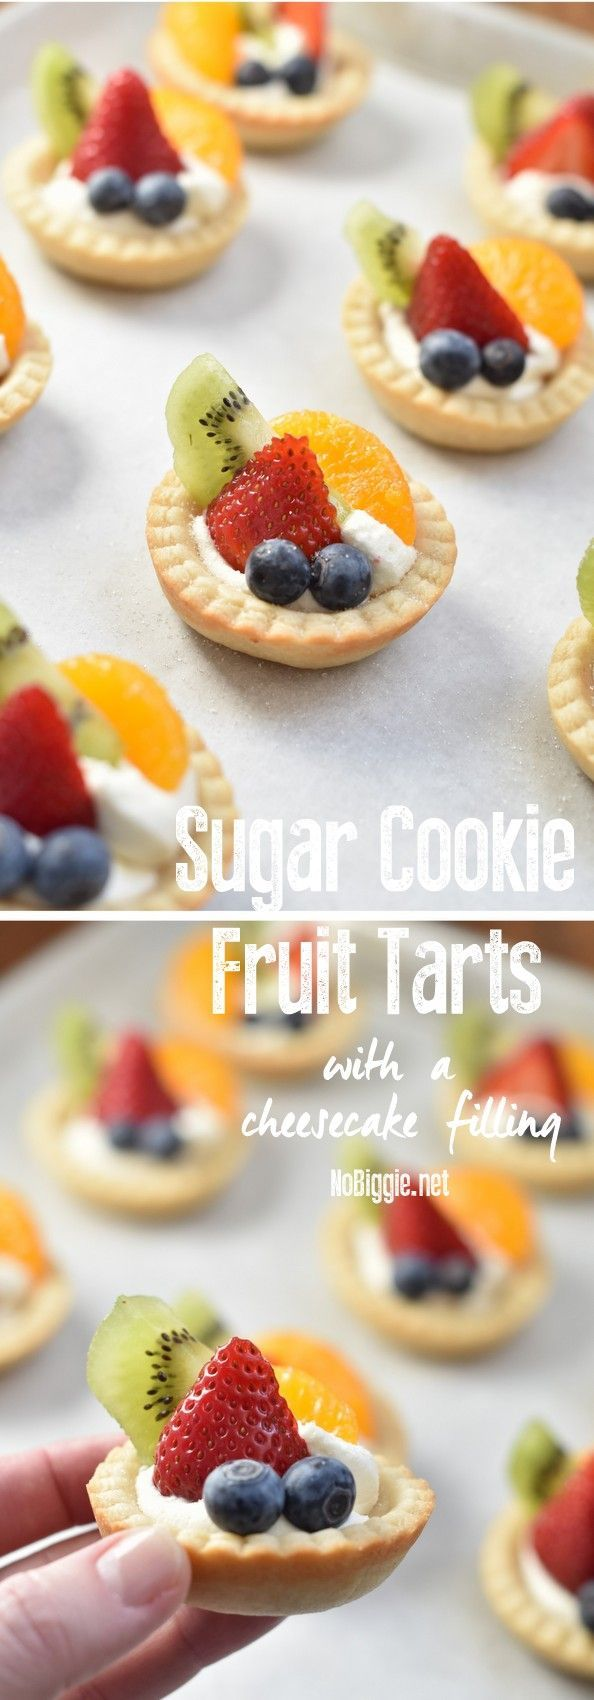 Sugar Cookie Fruit Tarts   NoBiggie.net